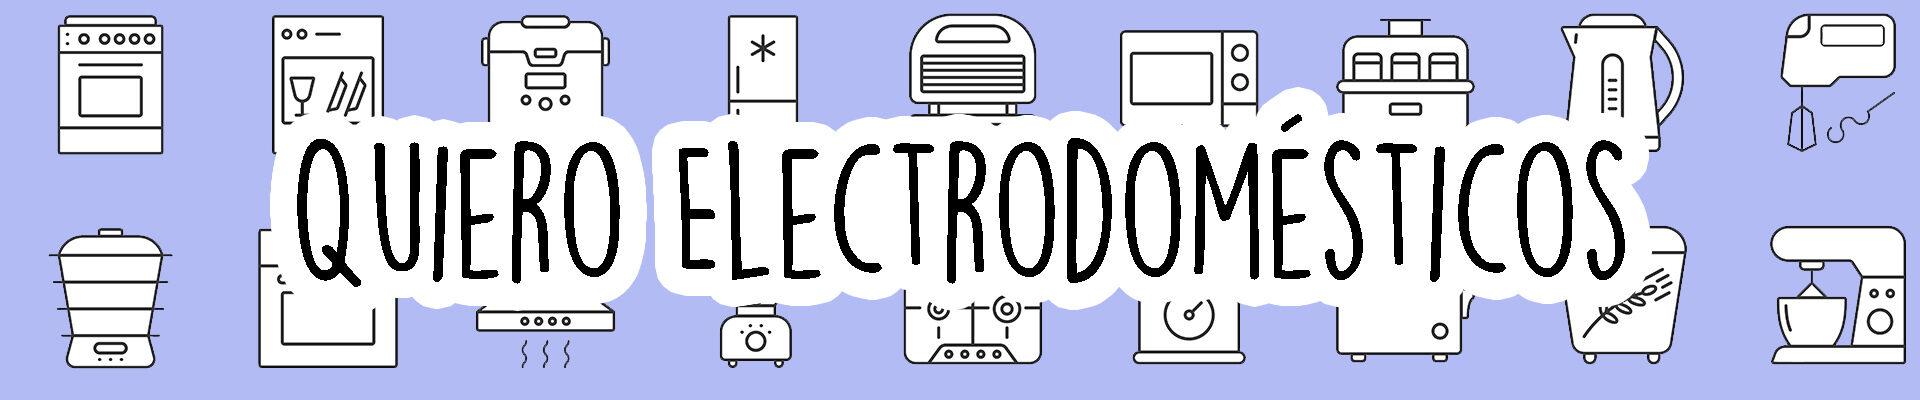 Quiero Electrodomésticos